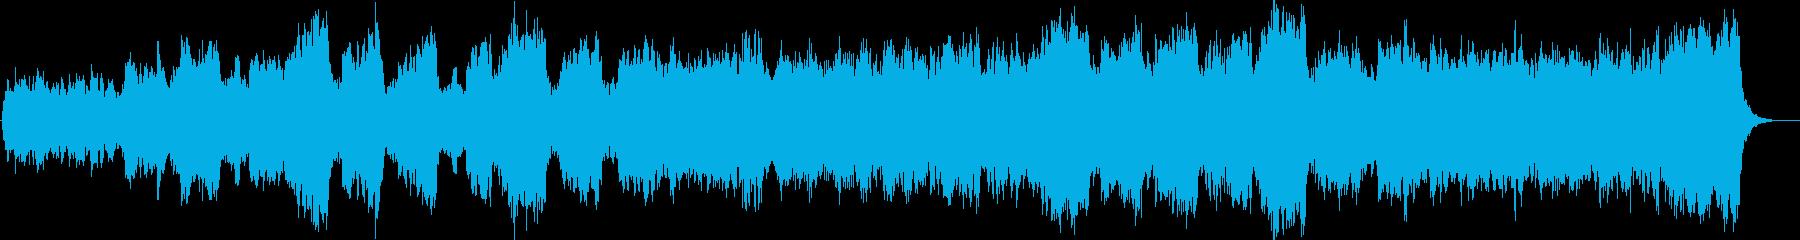 ダーク、ホラー向け曲 悲しいストリングスの再生済みの波形